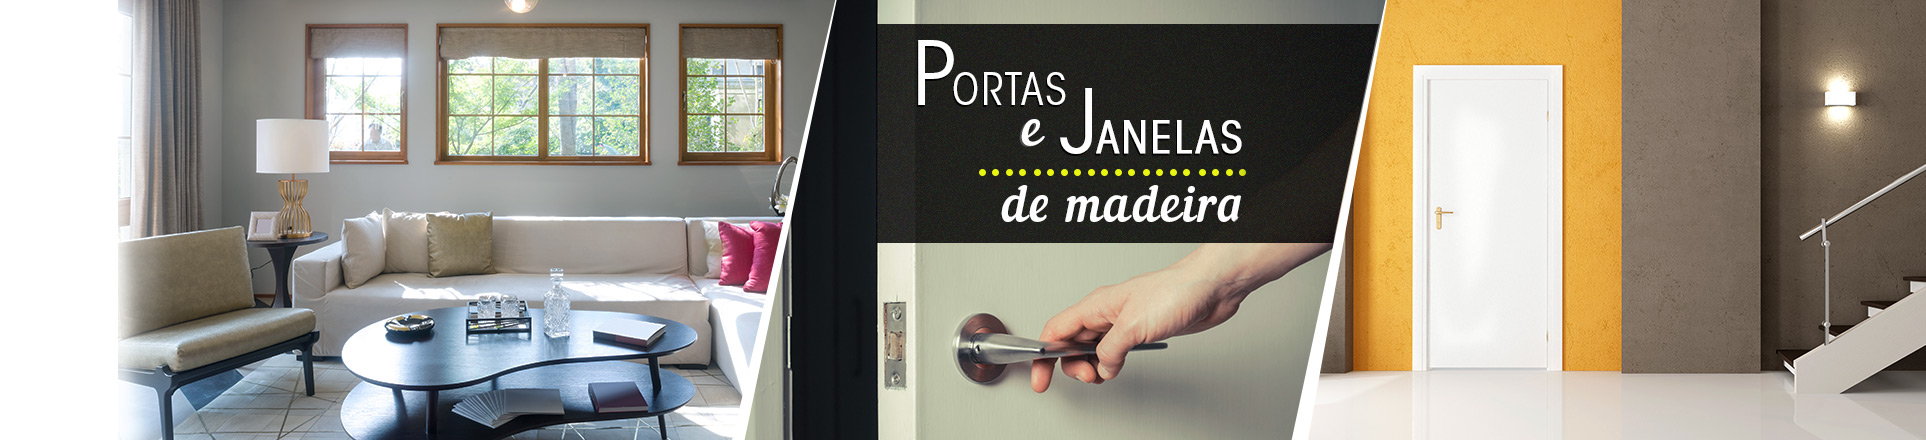 Banner 4 - Portas e Janelas Madeira